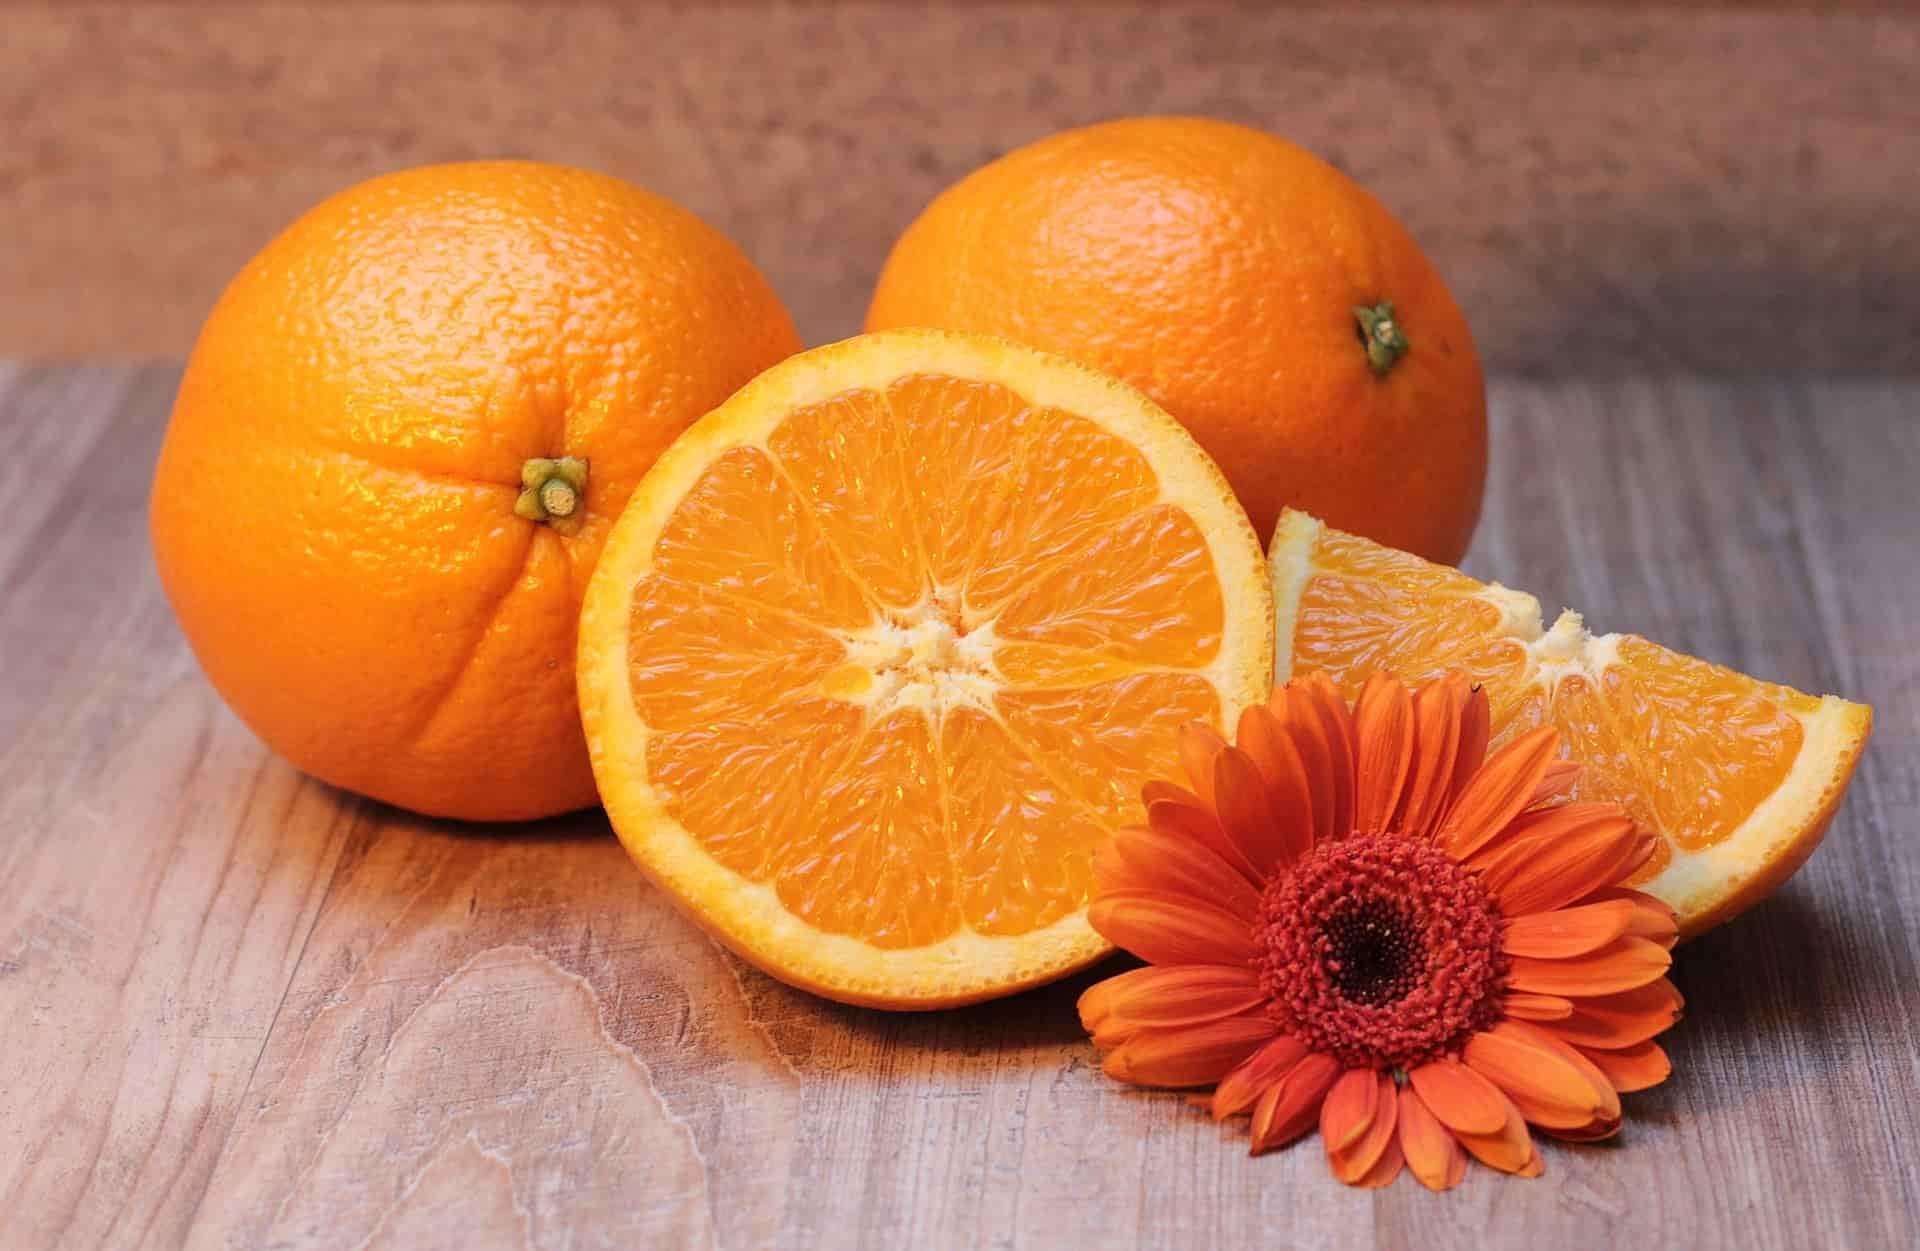 cibi contro occhiaie e borse sotto gli occhi vitamina C